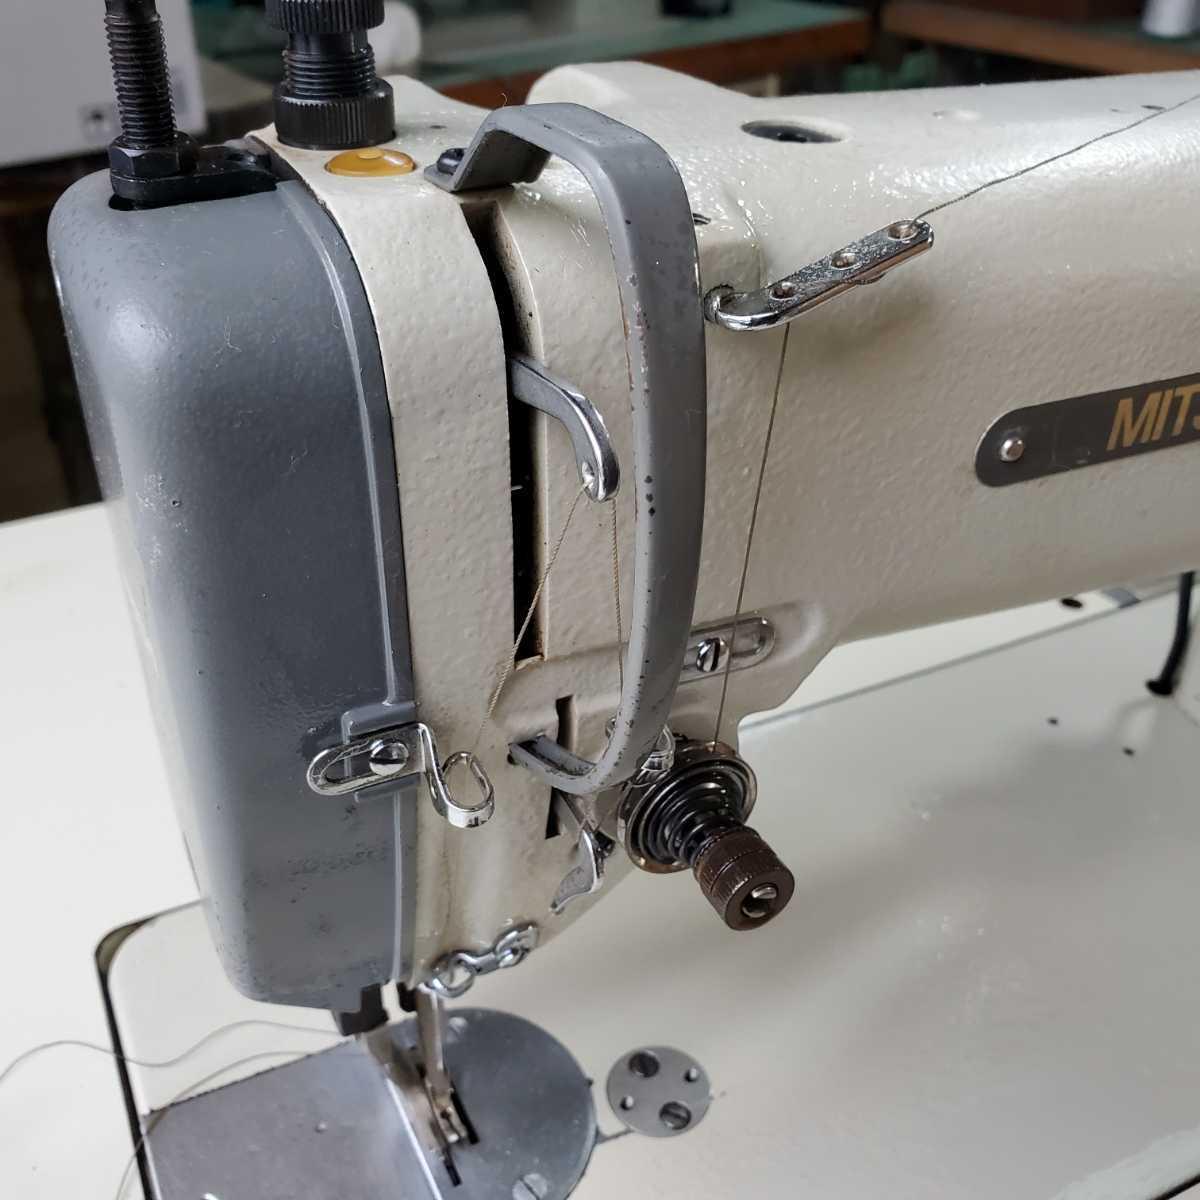 工業用ミシン、革、レザー、テント、シート、その他厚物縫いミシン、三菱MITSUBISHI 上下送り倍釜ミシンDY-350 !整備済み品、綺麗!_画像7